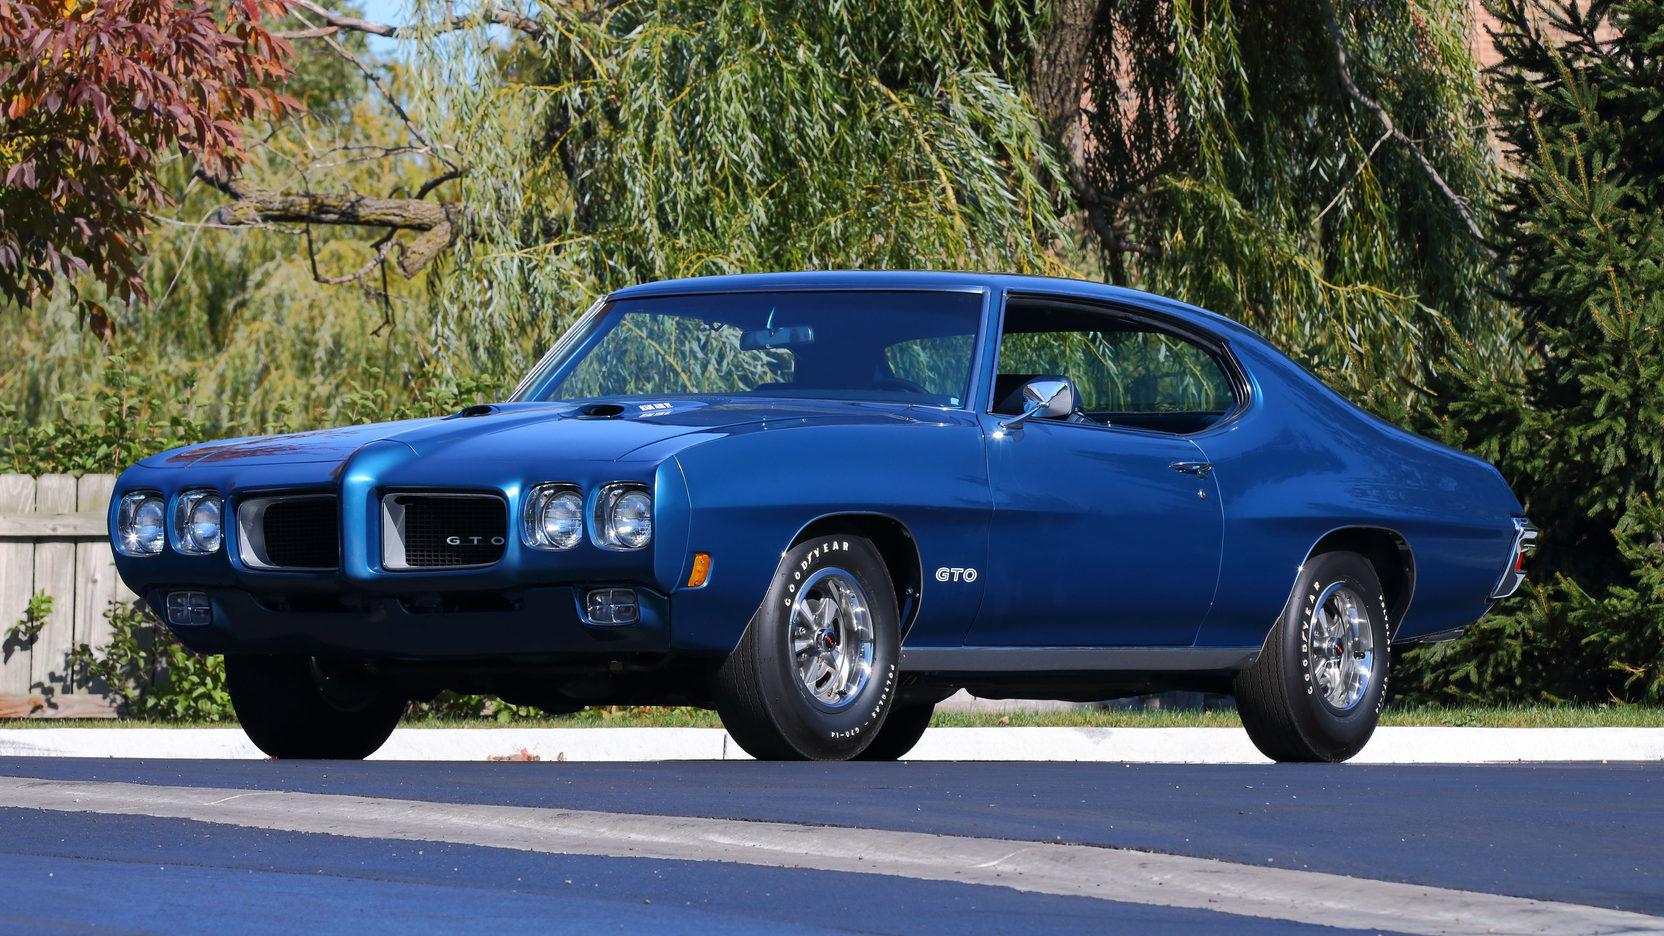 1970 Pontiac GTO front 3/4 blue